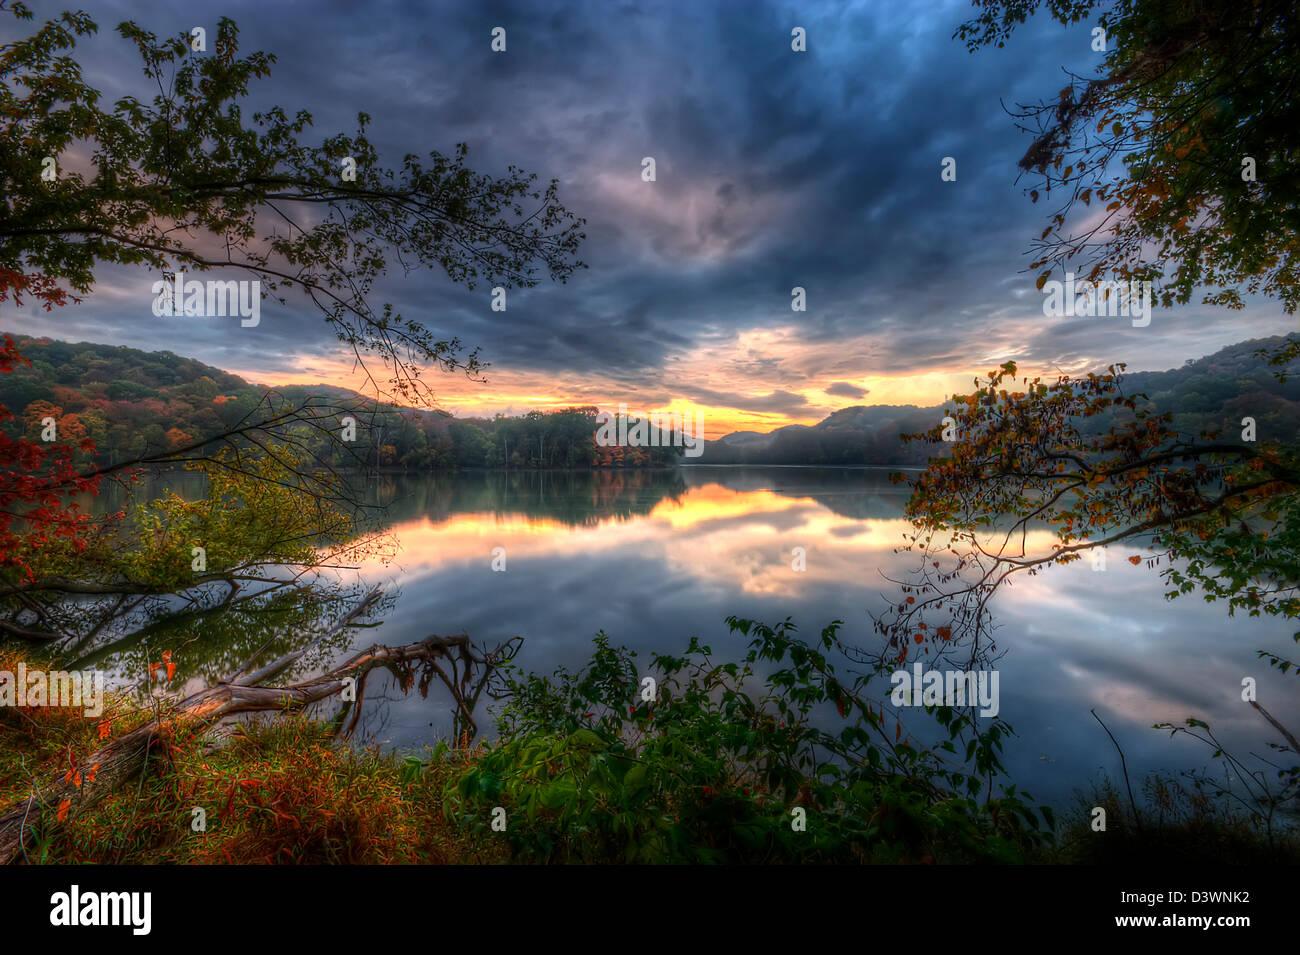 A beautiful sunrise over a lake - Stock Image